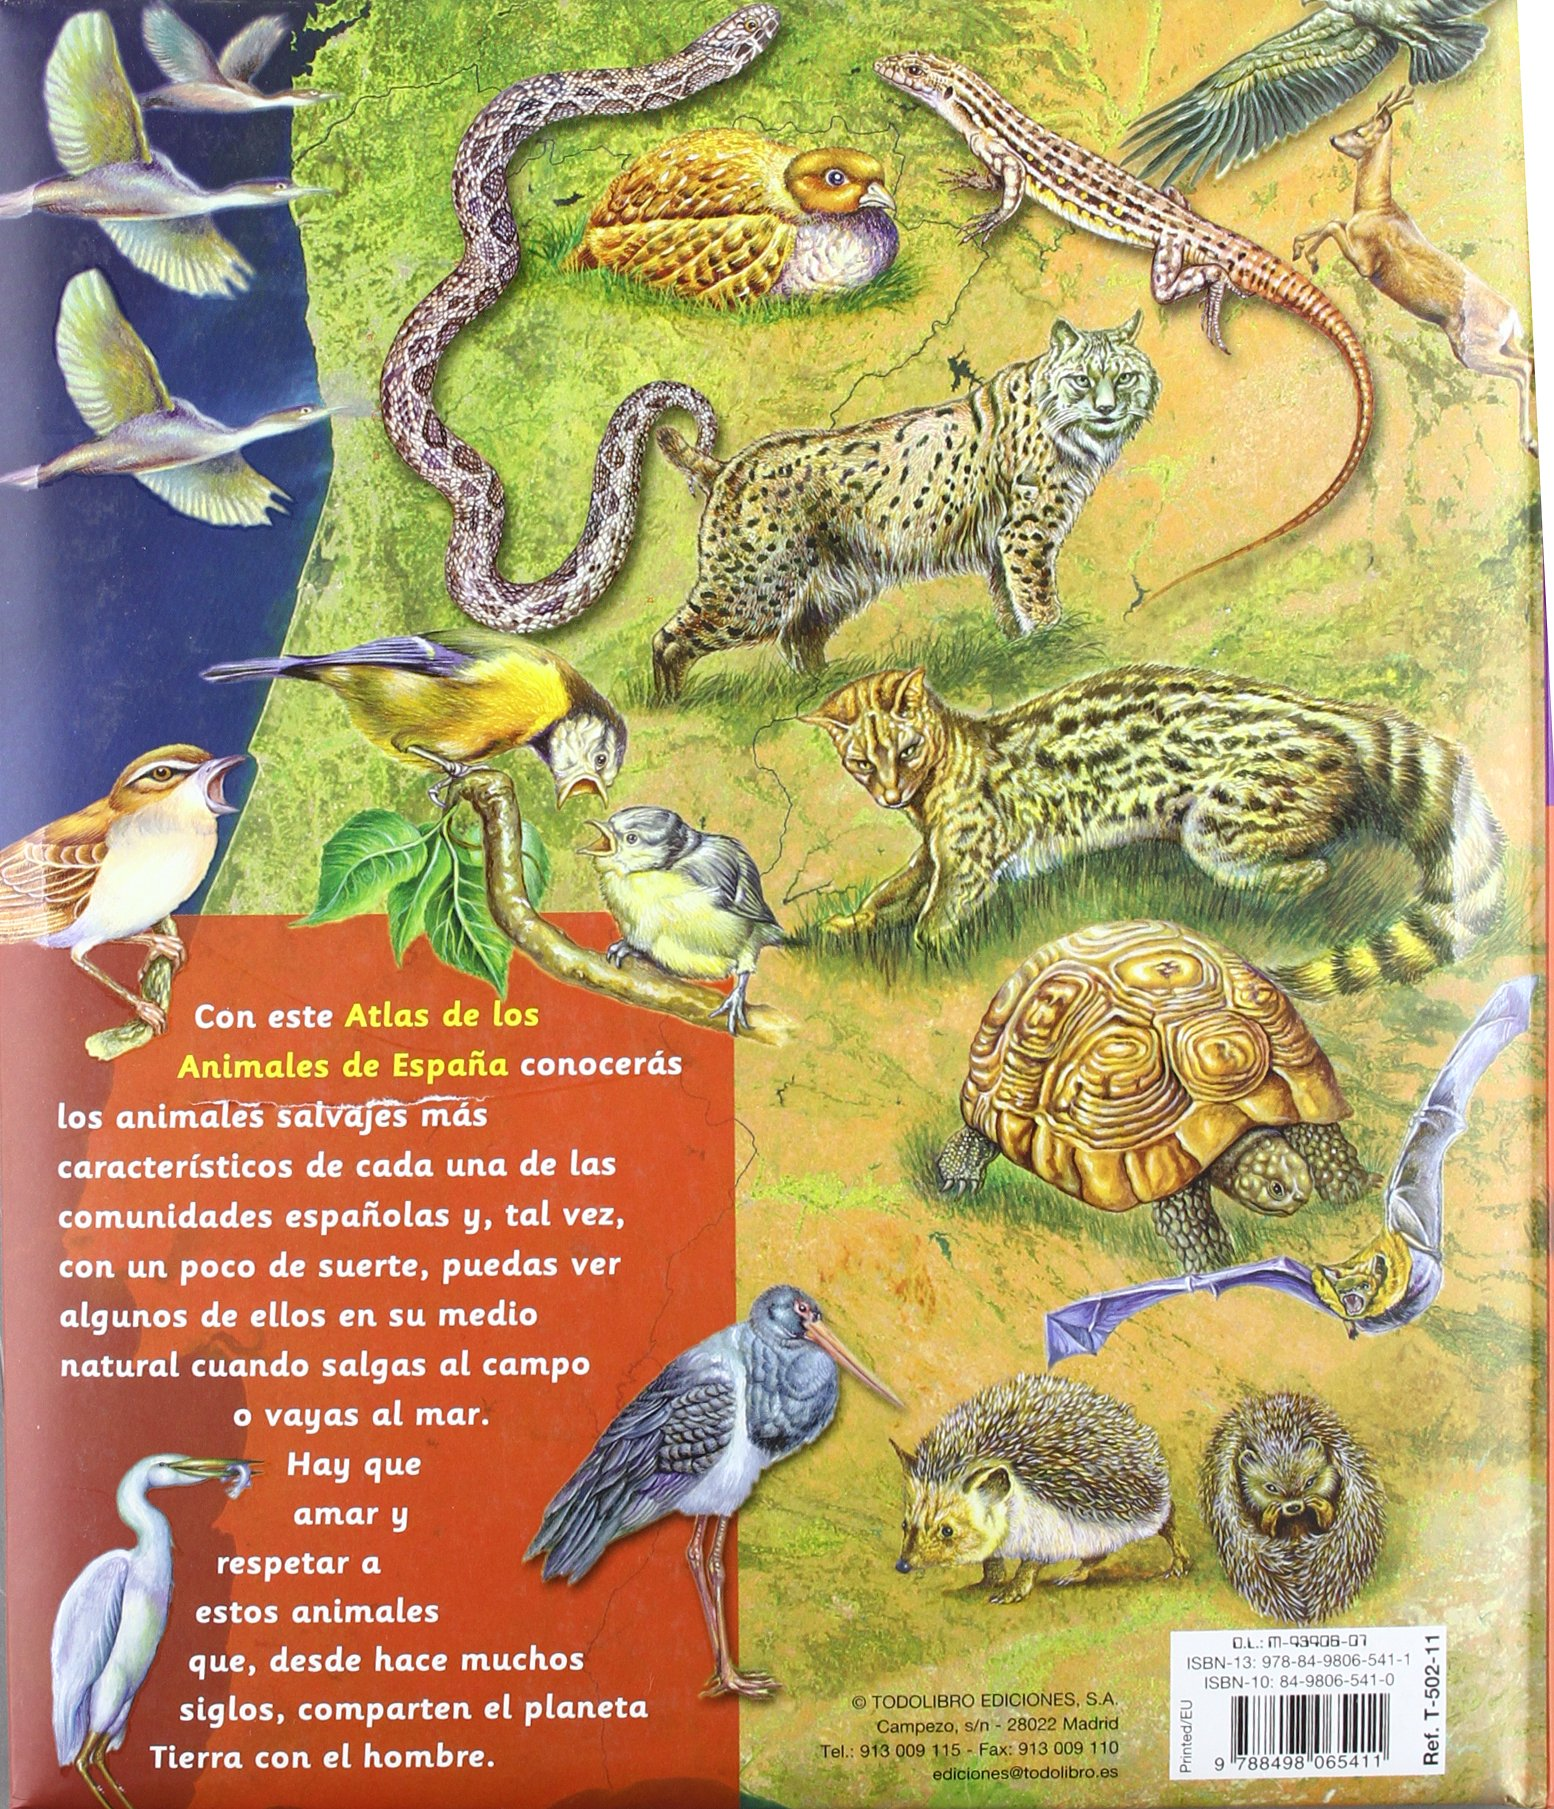 Atlas de animales de España (Cosas de niños): Amazon.es: Todolibro, Equipo, Todolibro, Equipo: Libros